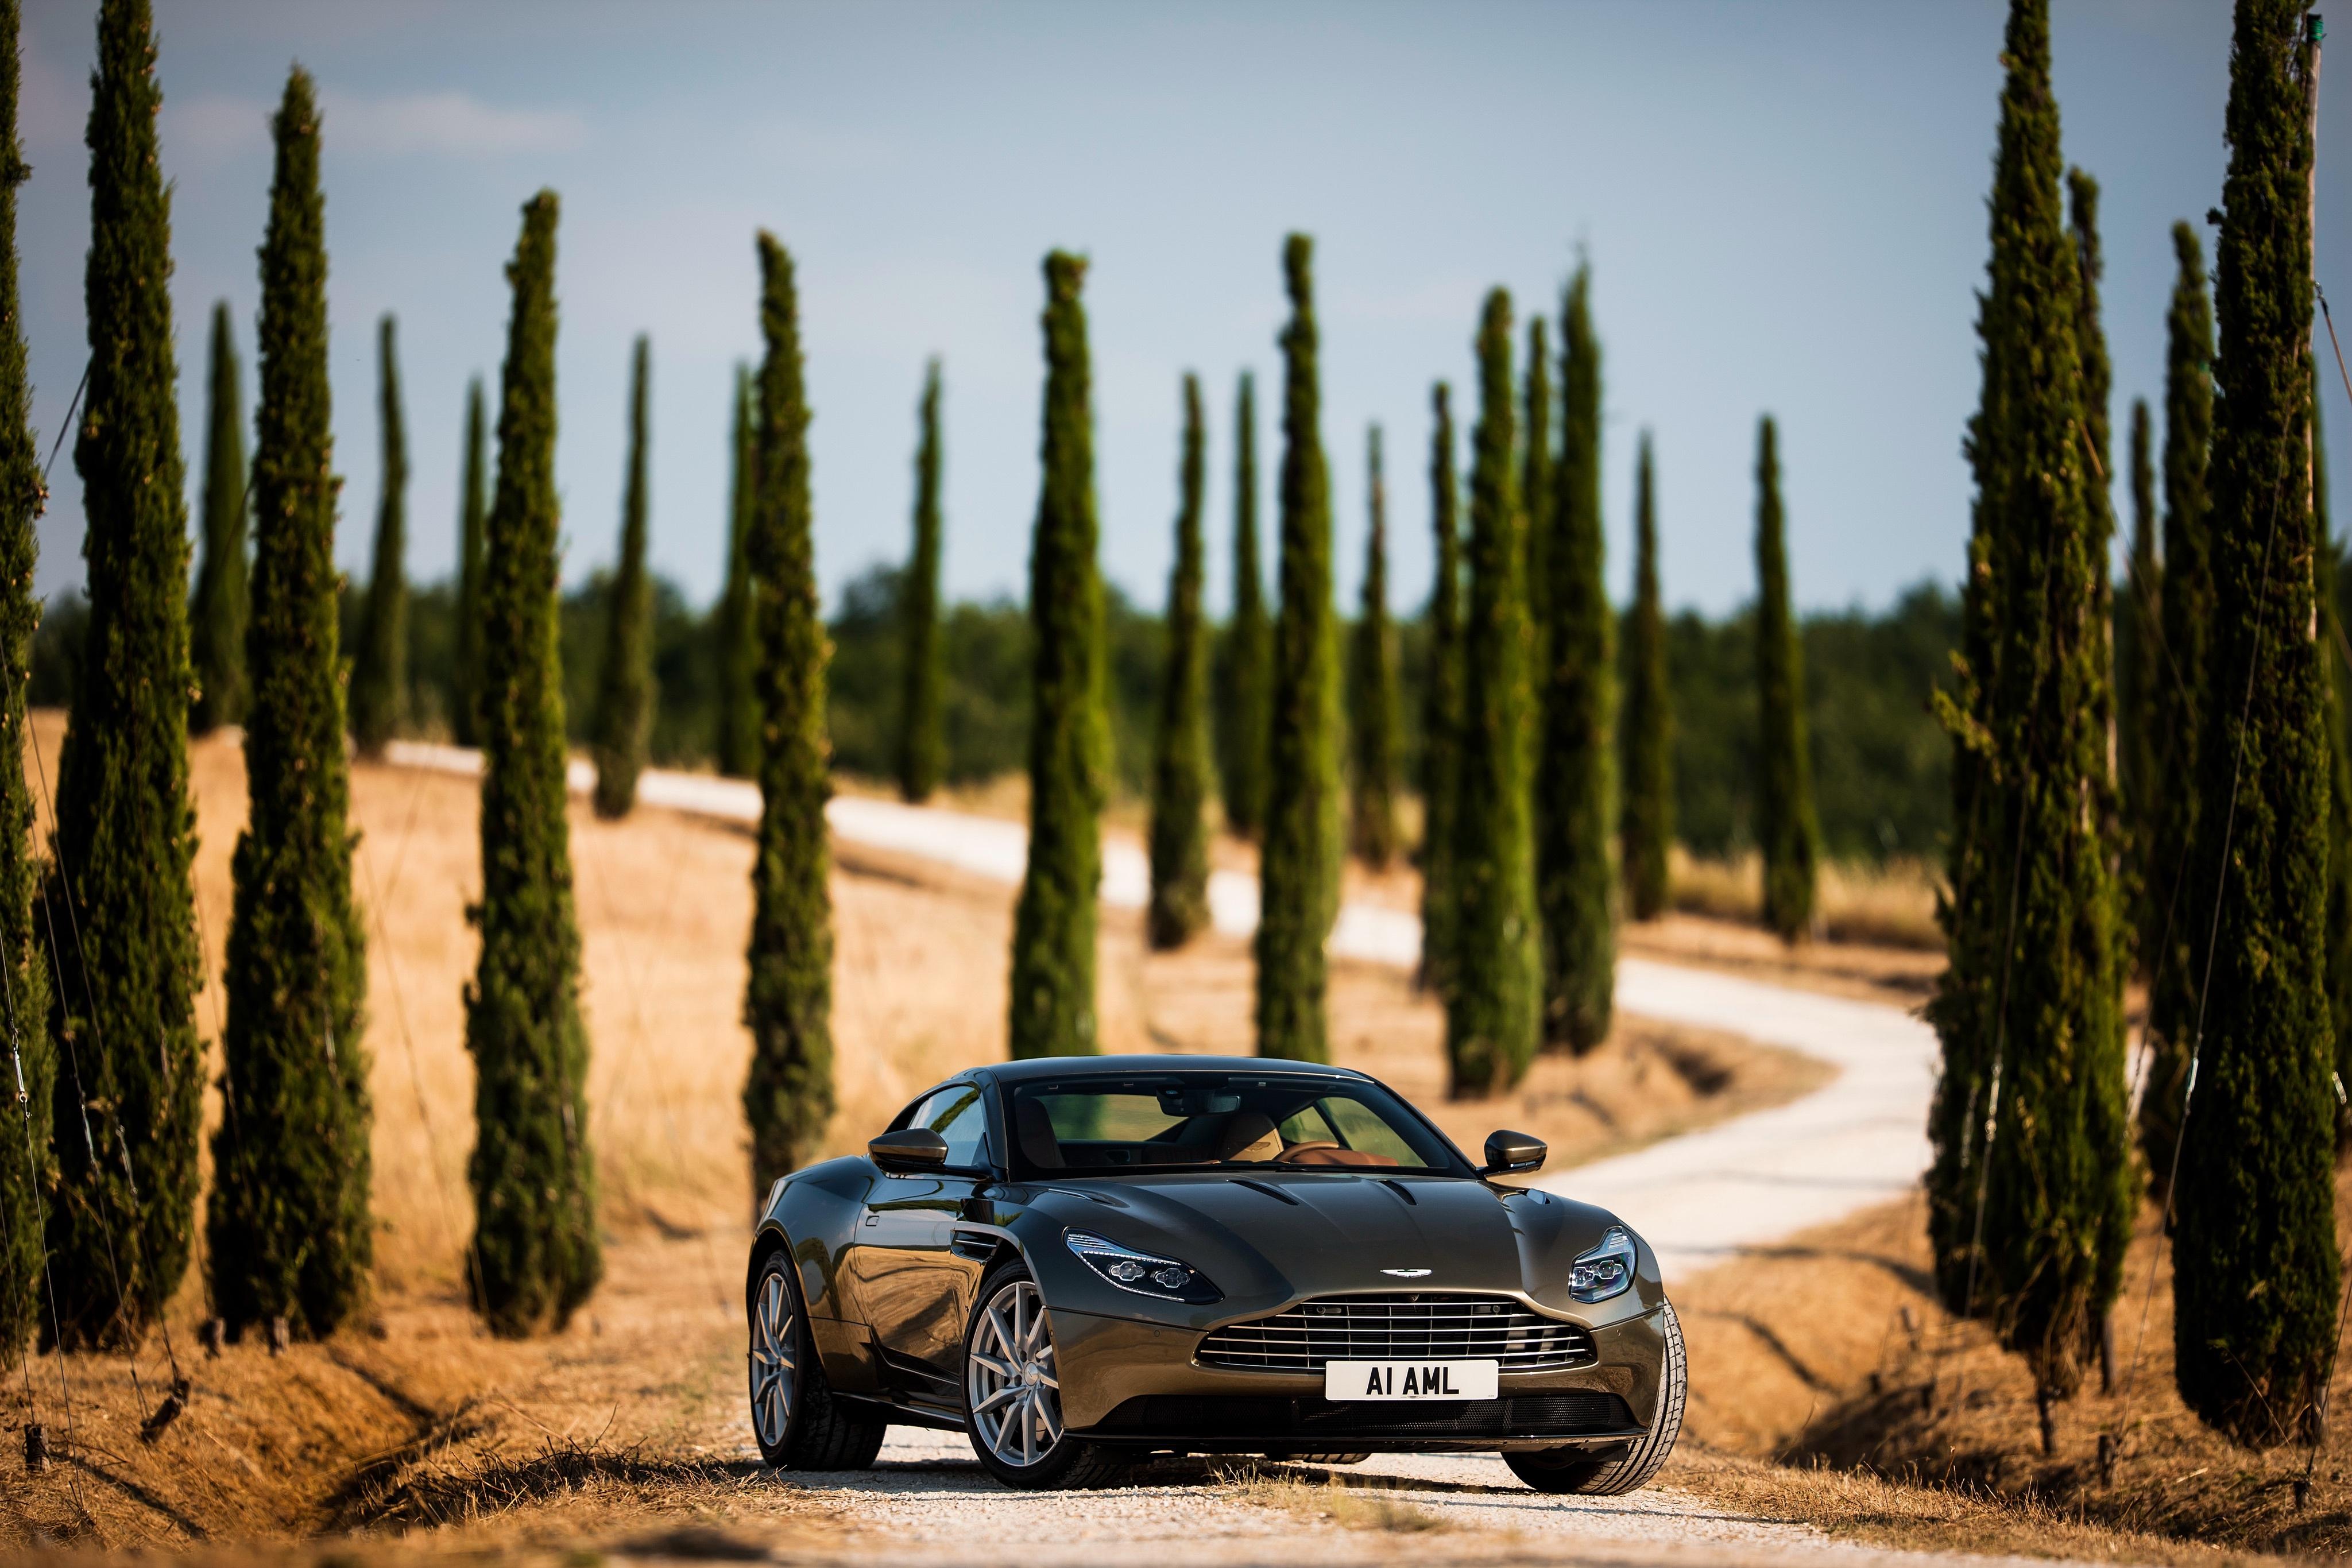 62009 Заставки и Обои Астон Мартин (Aston Martin) на телефон. Скачать Астон Мартин (Aston Martin), Тачки (Cars), Вид Спереди, Db1 картинки бесплатно